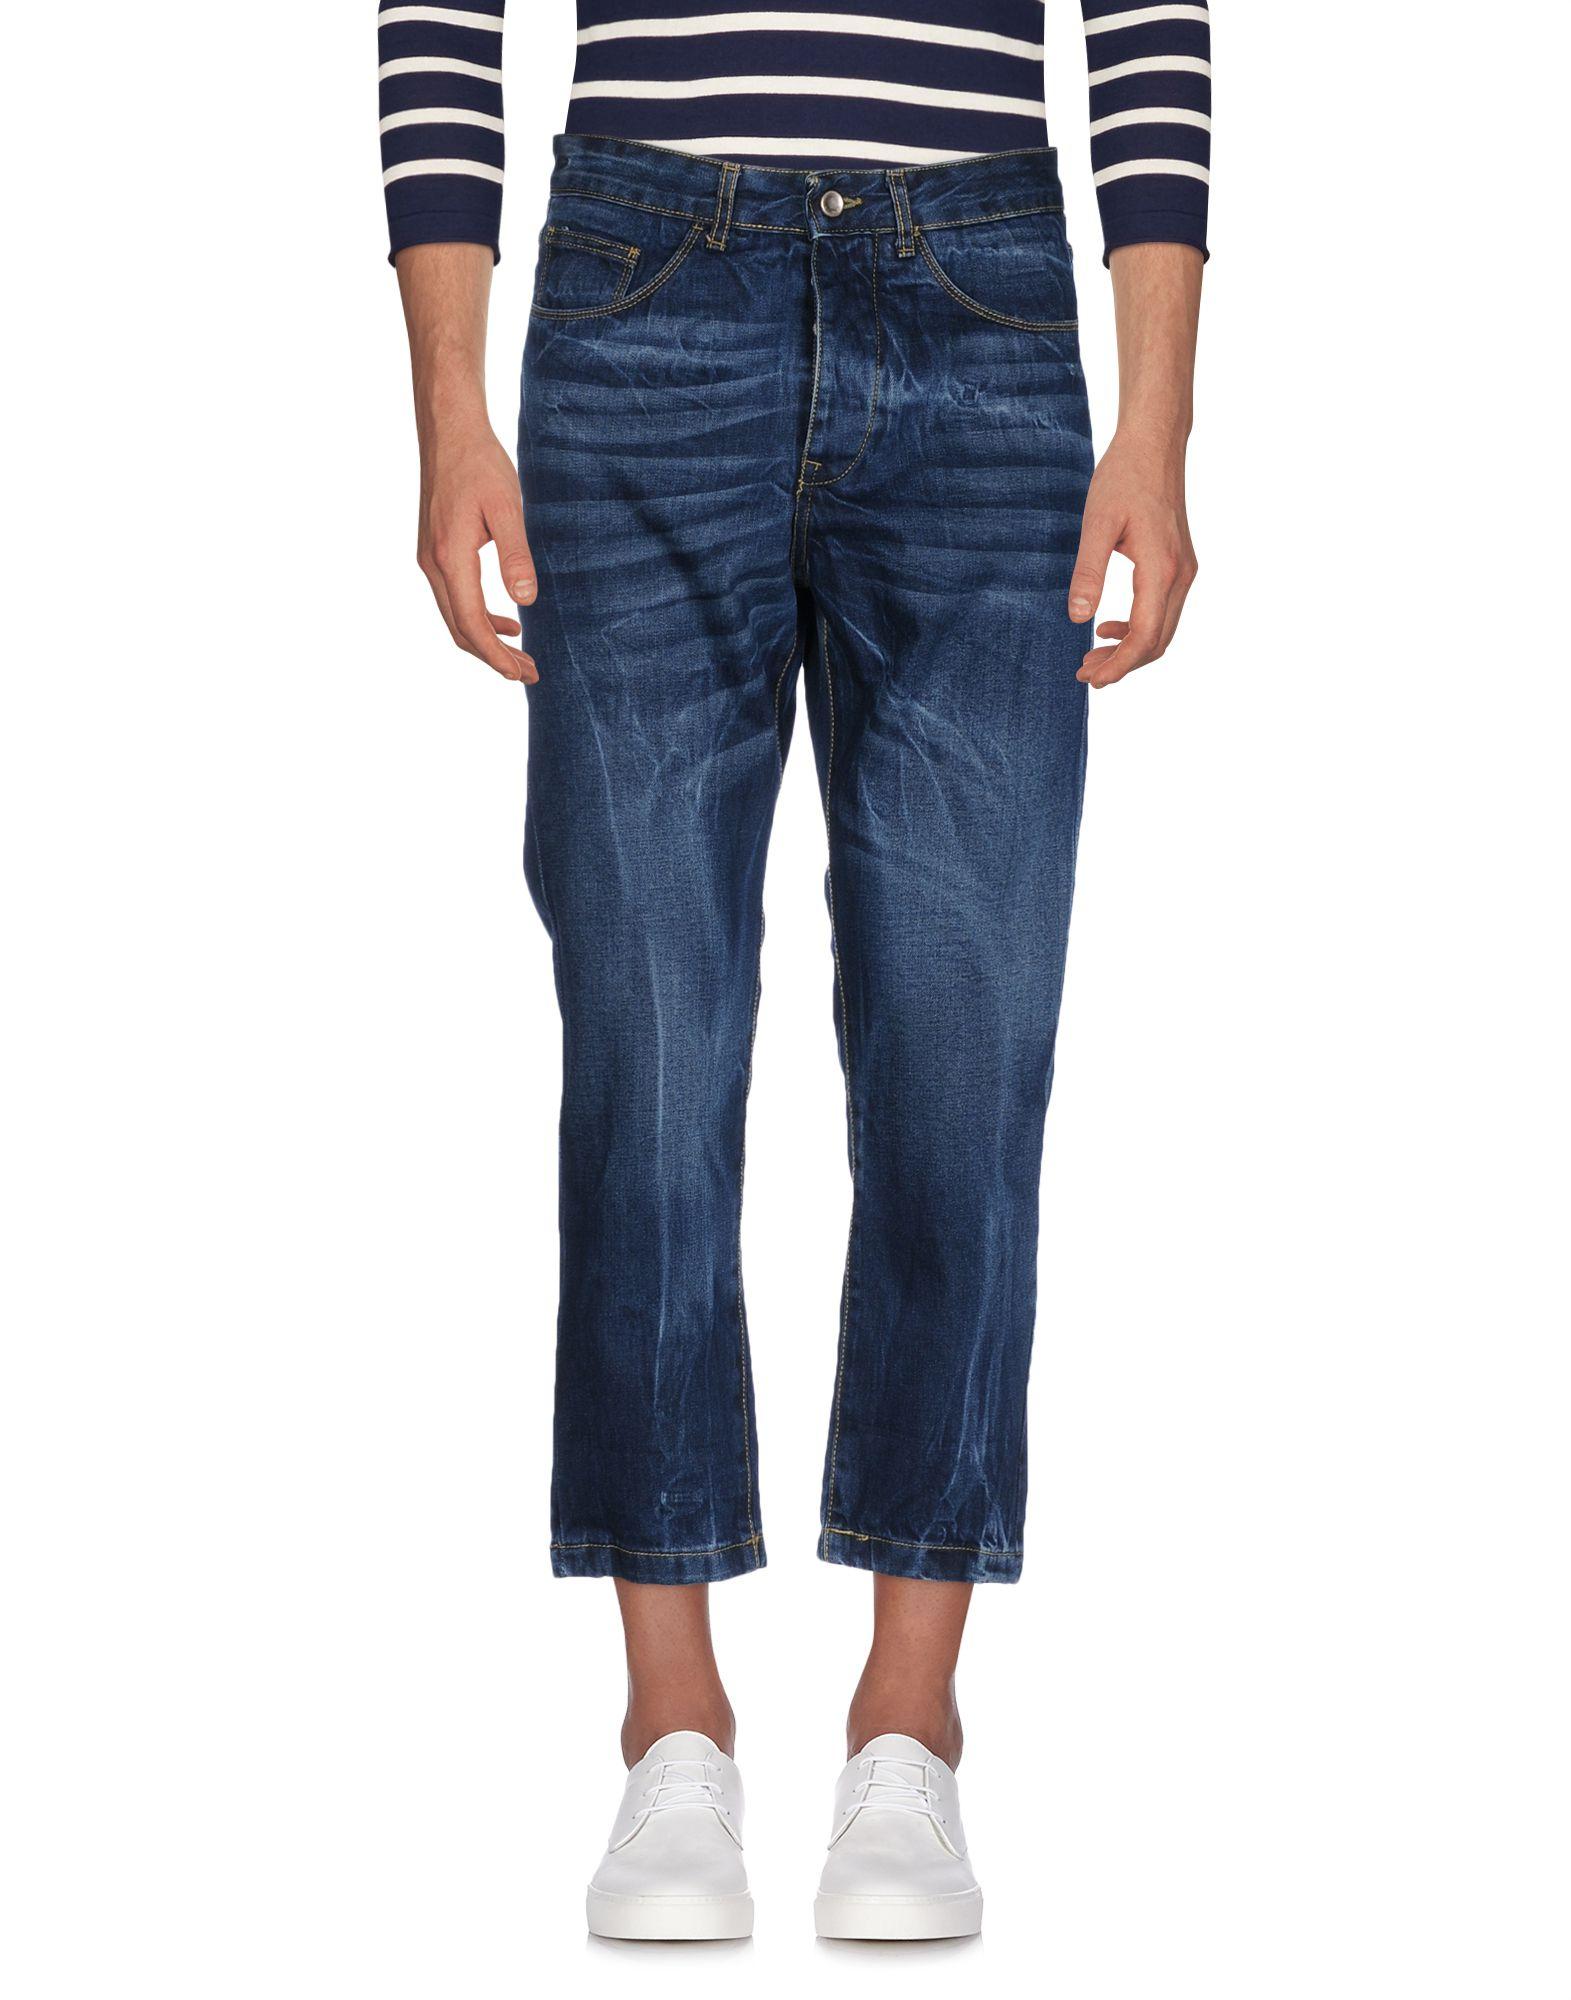 《送料無料》MIX DE RIEN メンズ ジーンズ ブルー 30 コットン 100%